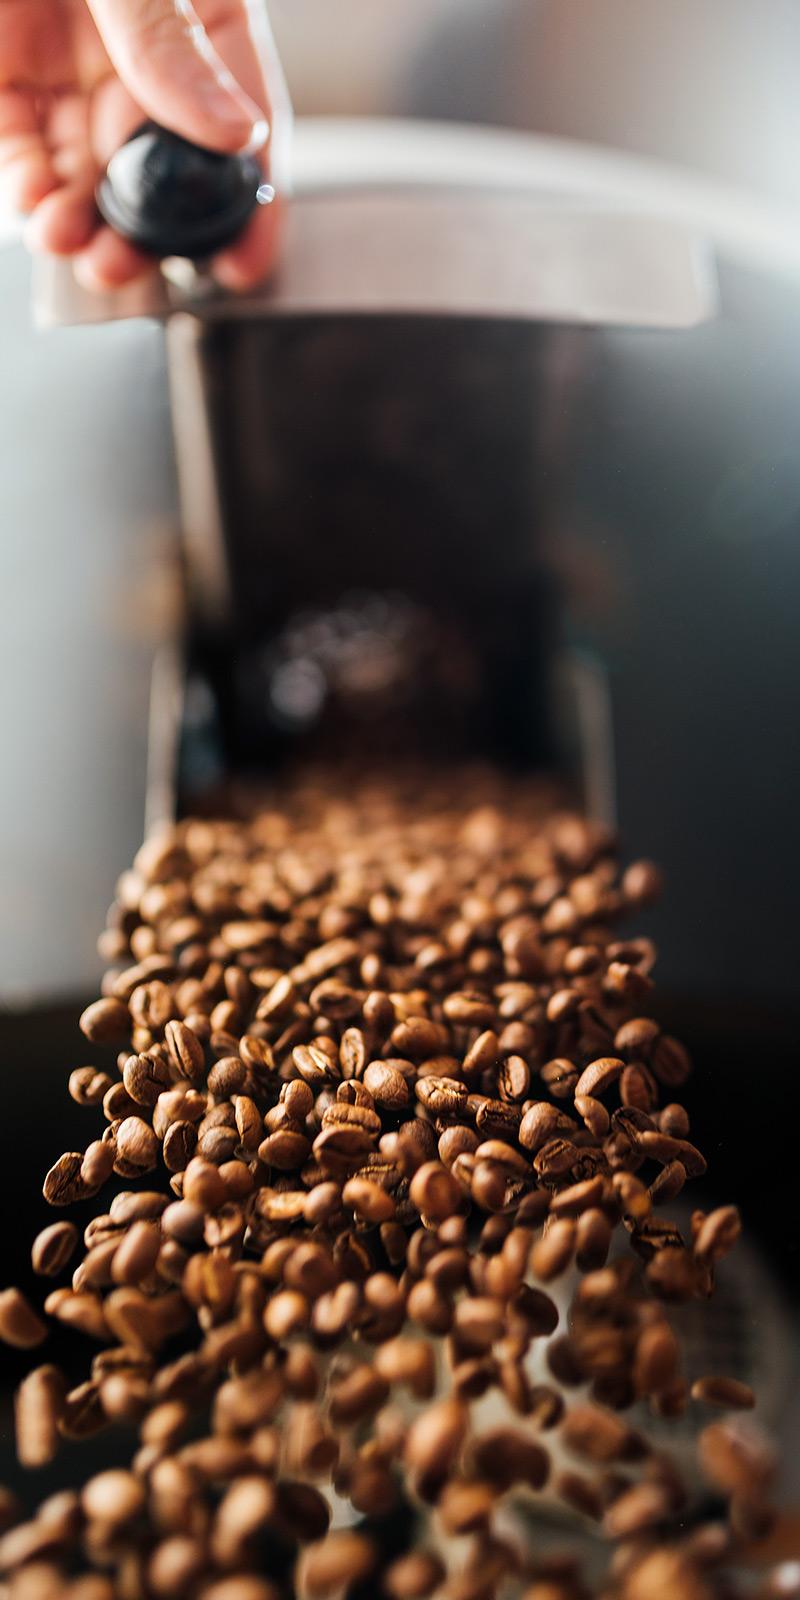 koffiebonen gebrand arabica verticaal